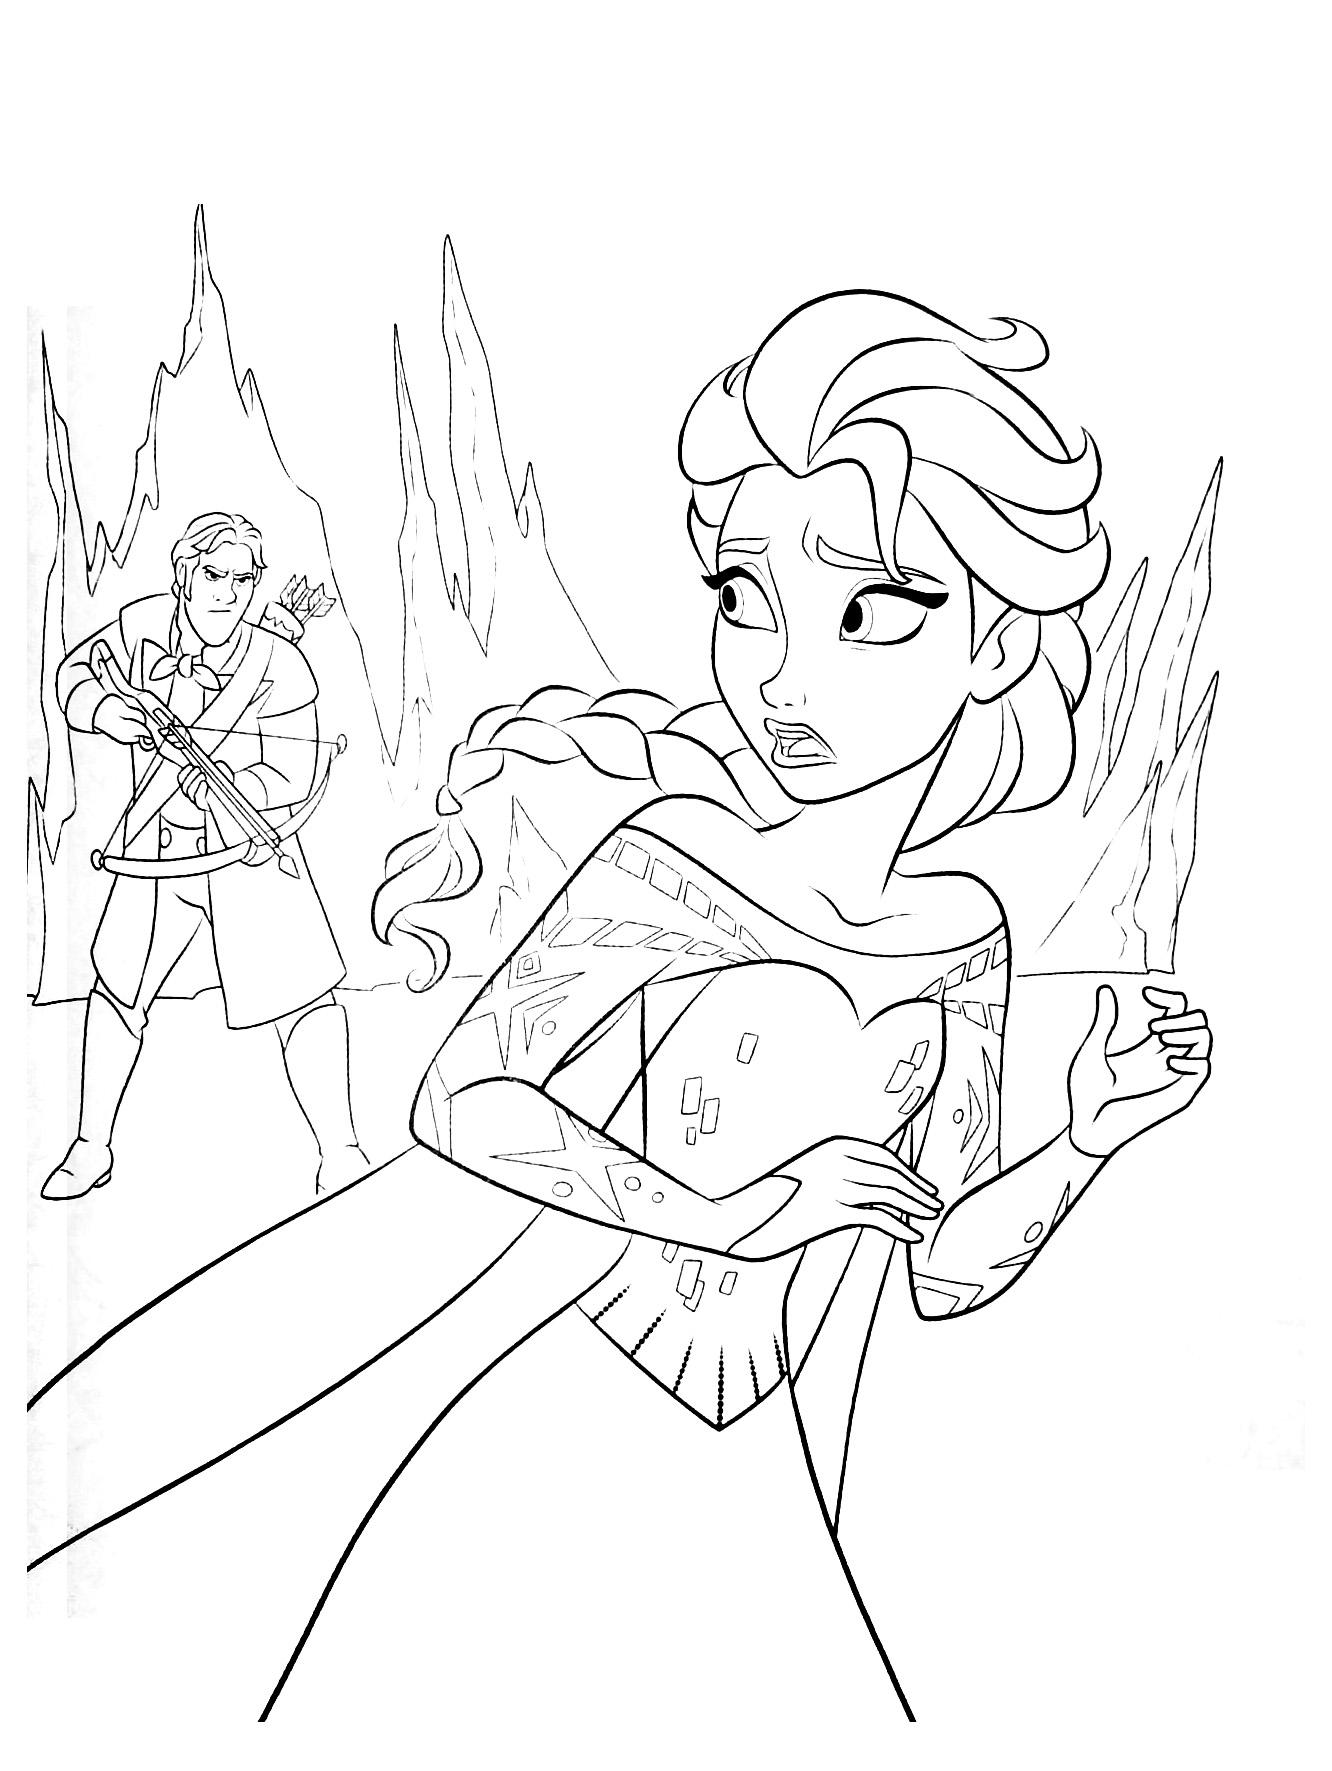 Coloriage à imprimer : Personnages célèbres - Walt Disney ...